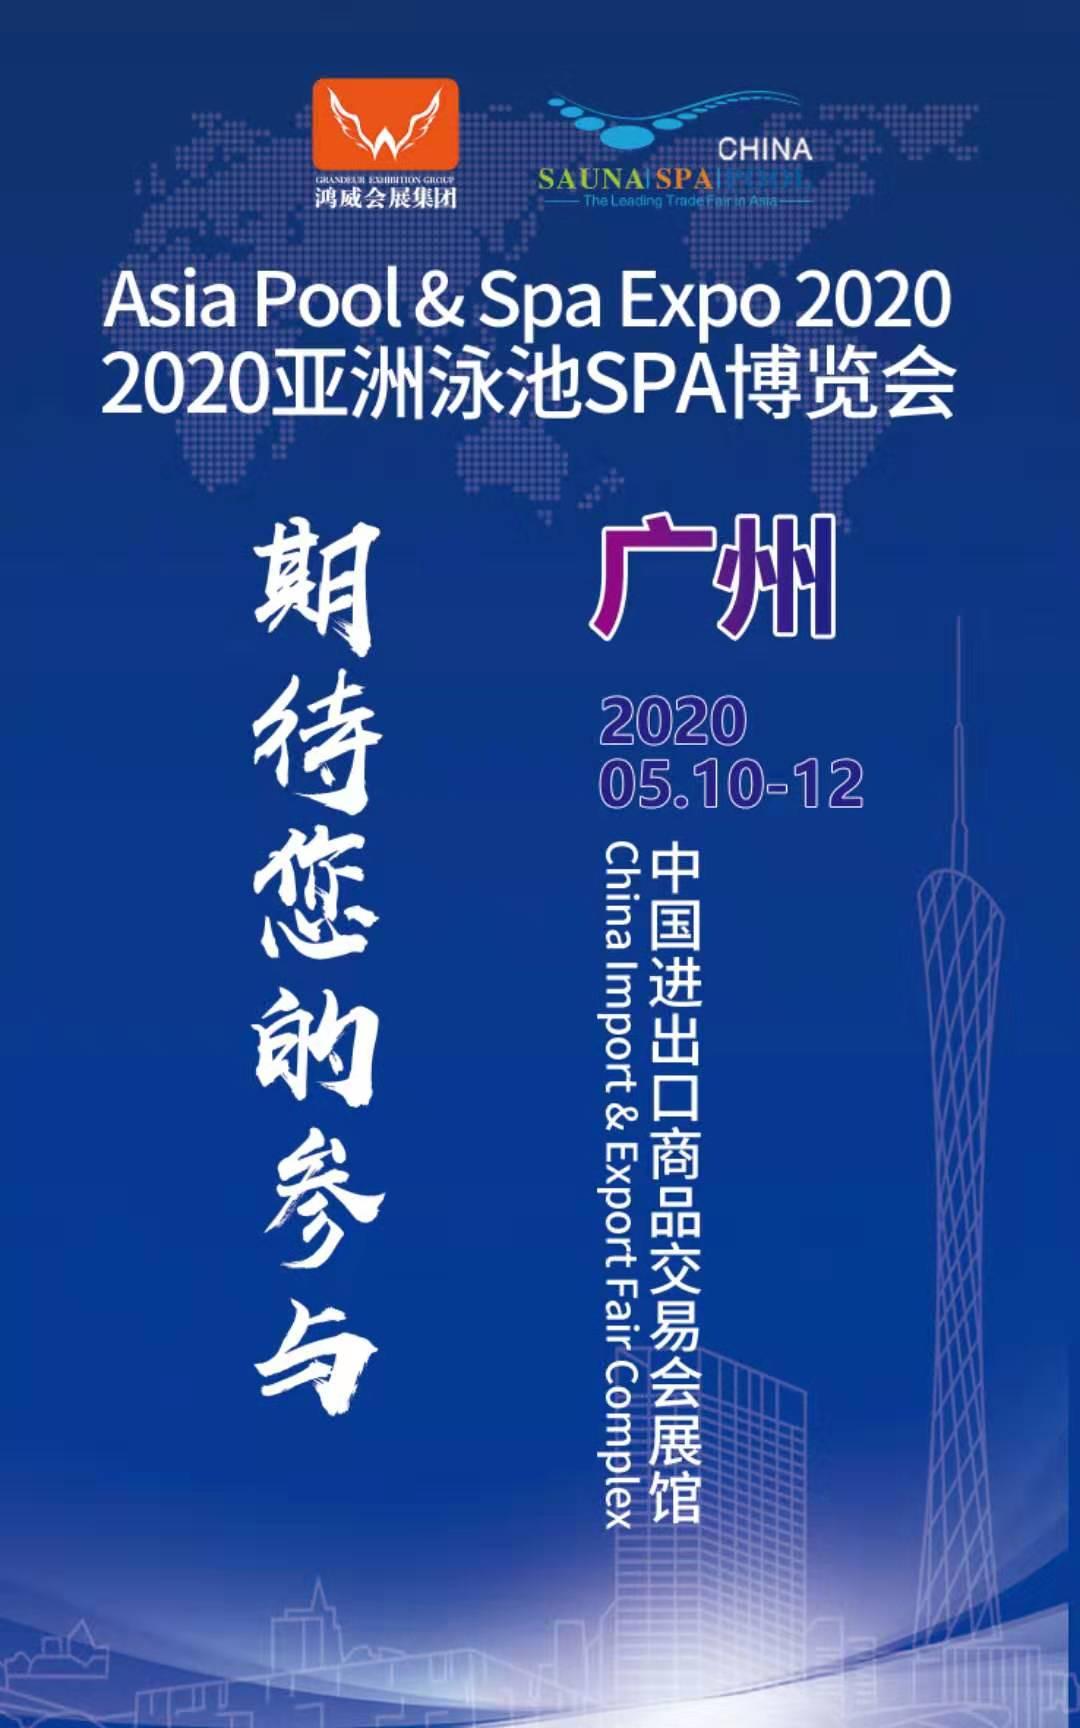 2020年第十五届国际泳池桑拿沐浴SPA展